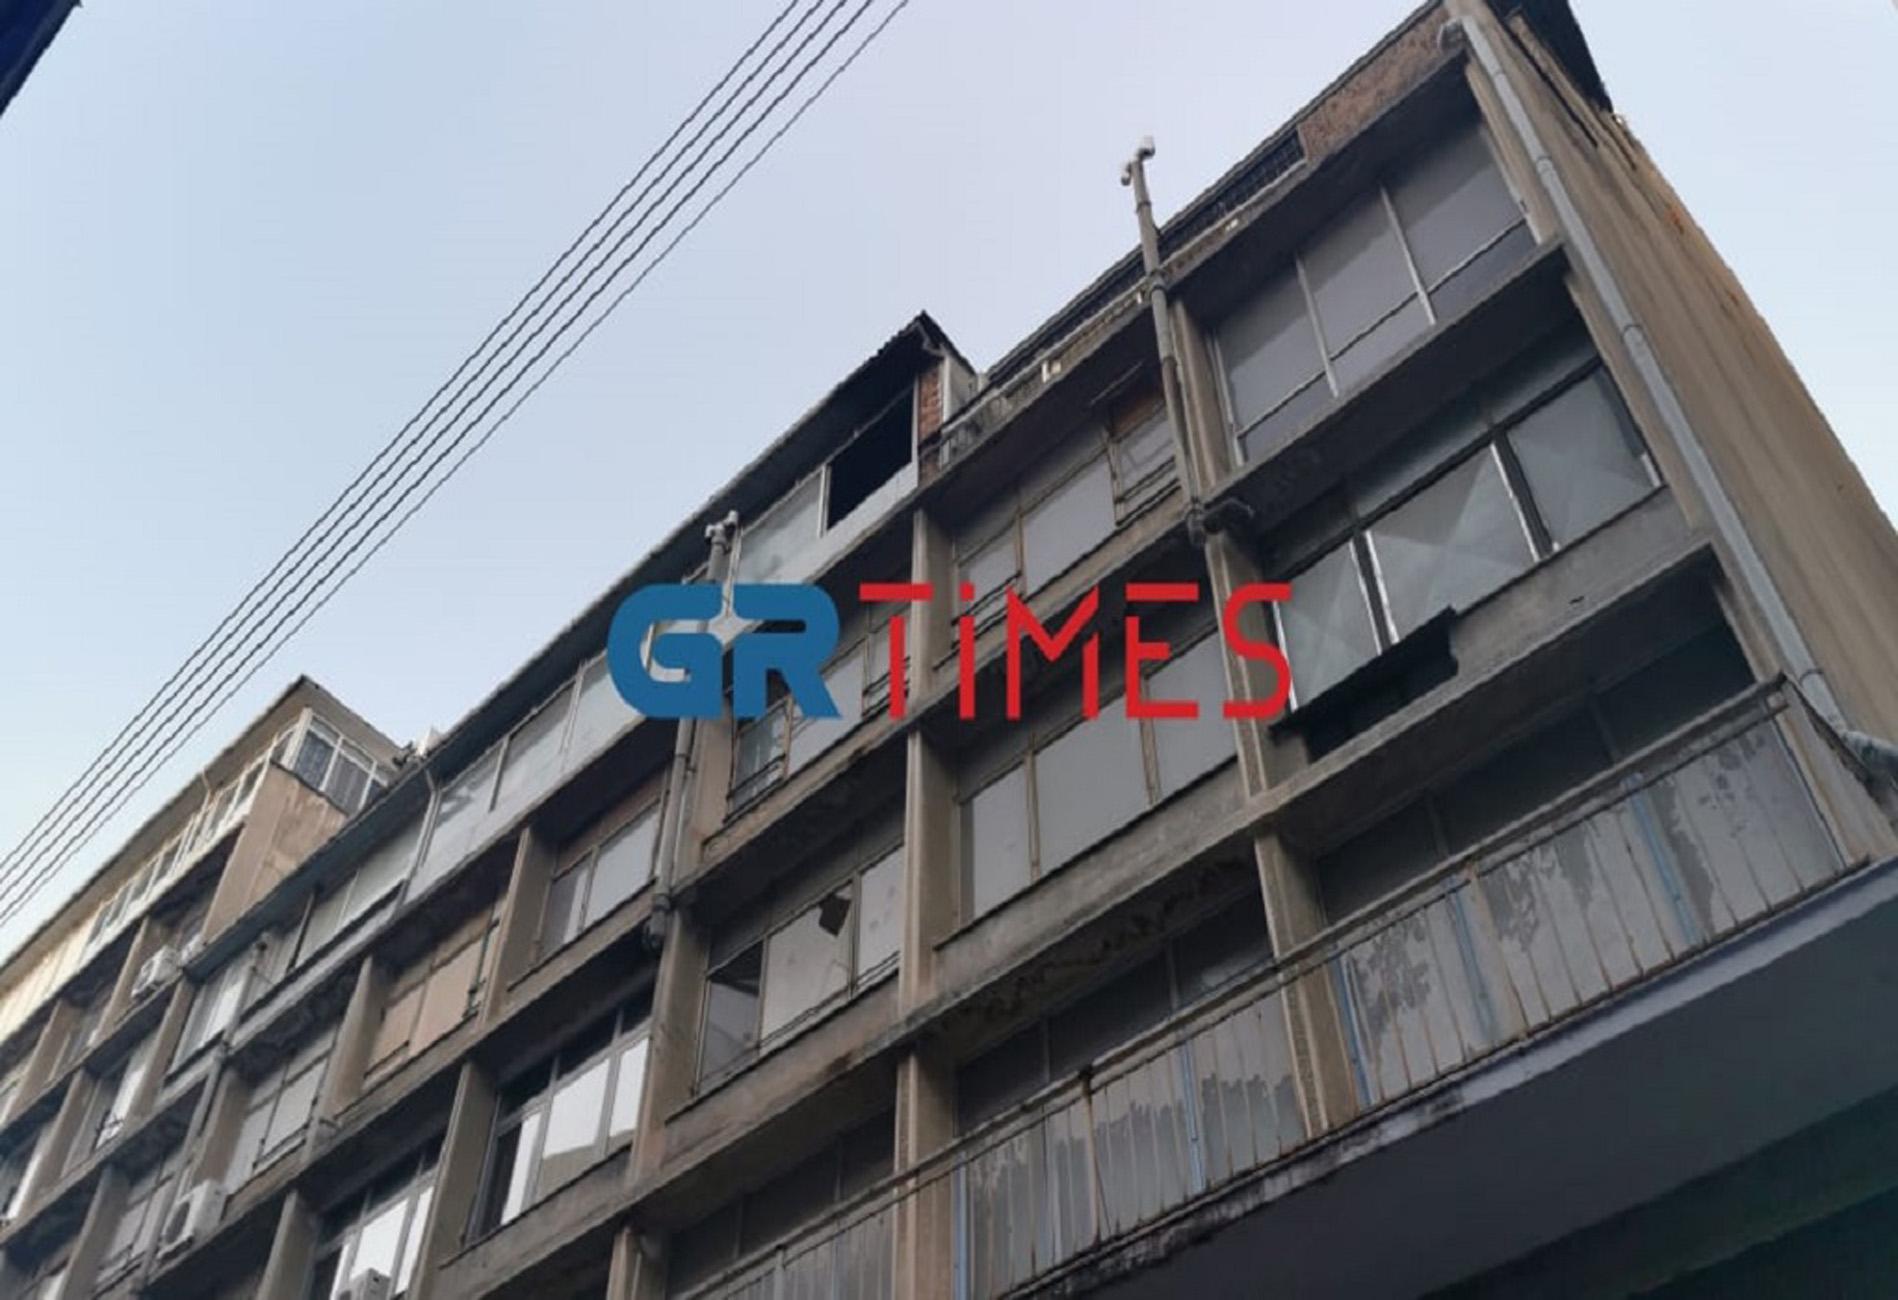 Θεσσαλονίκη: Φωτιά σε διαμέρισμα – Απεγκλωβίστηκαν 5 άτομα (pics, video)